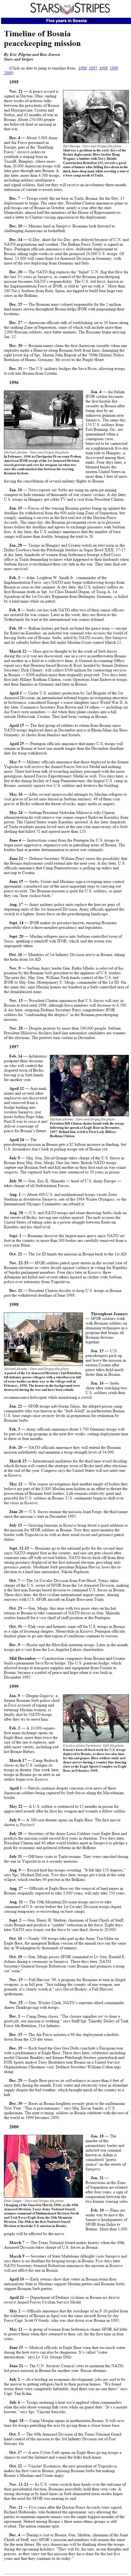 Five years in Bosnia